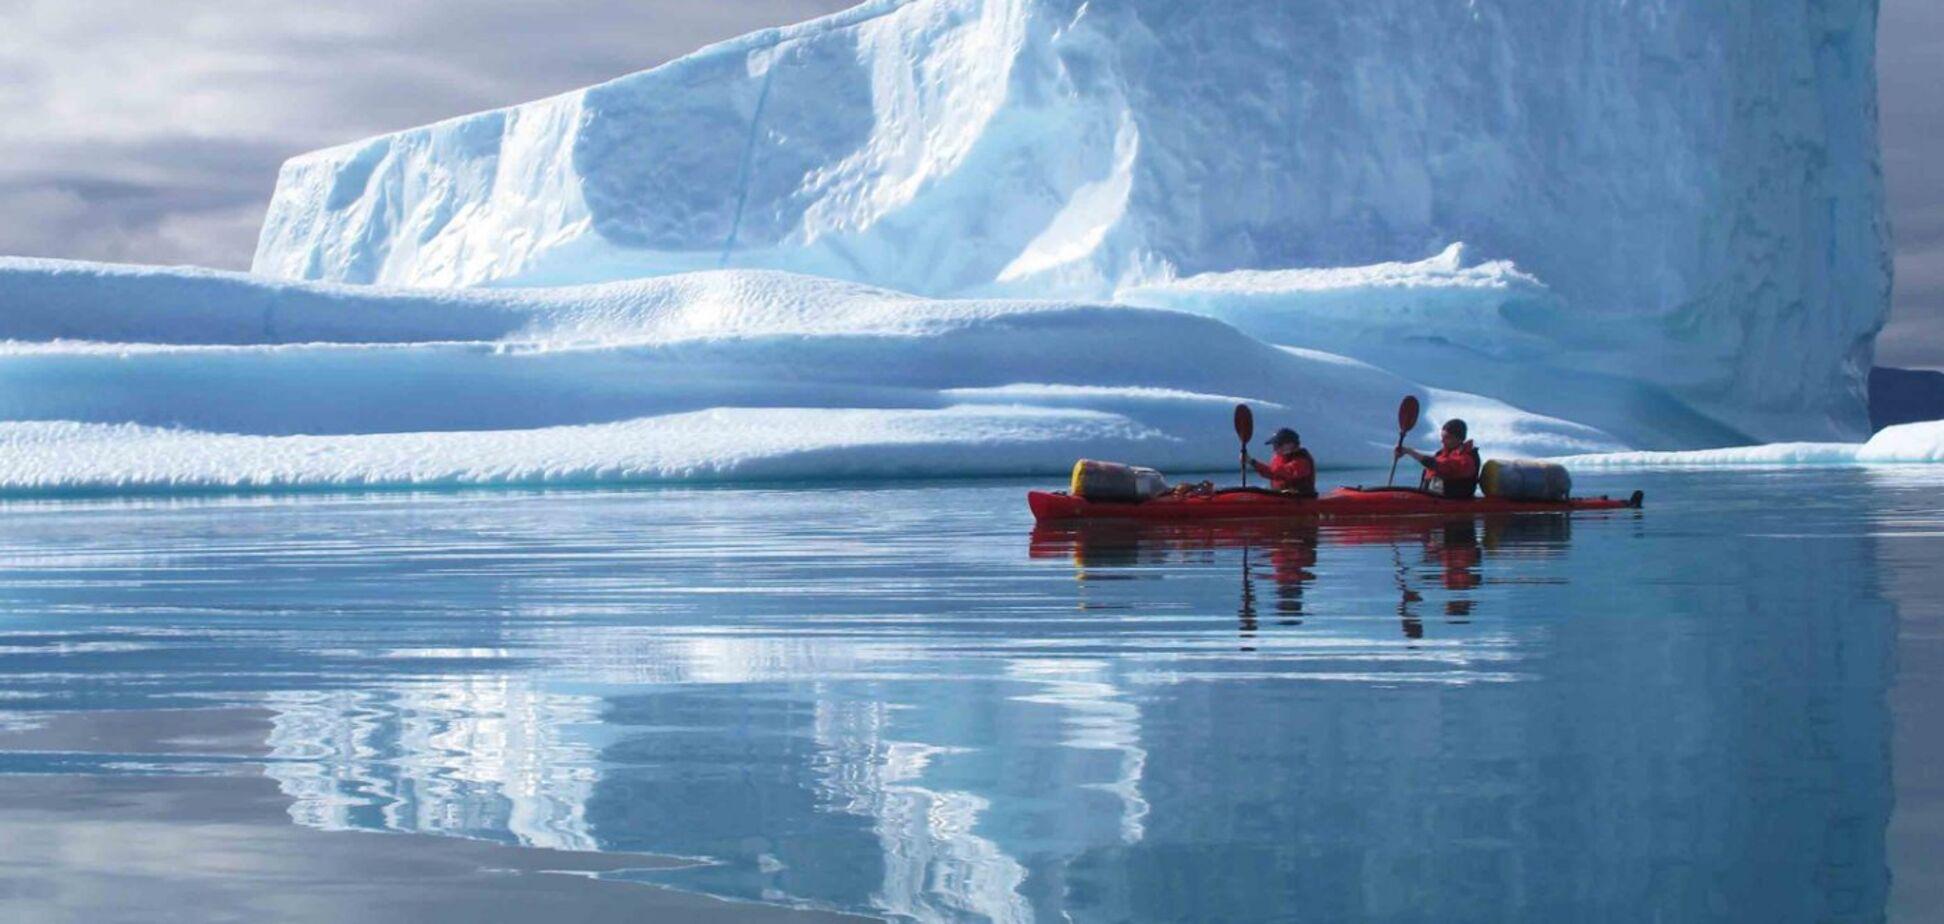 Ученые зафиксировали стремительное исчезновение ледников Гренландии и Антарктики